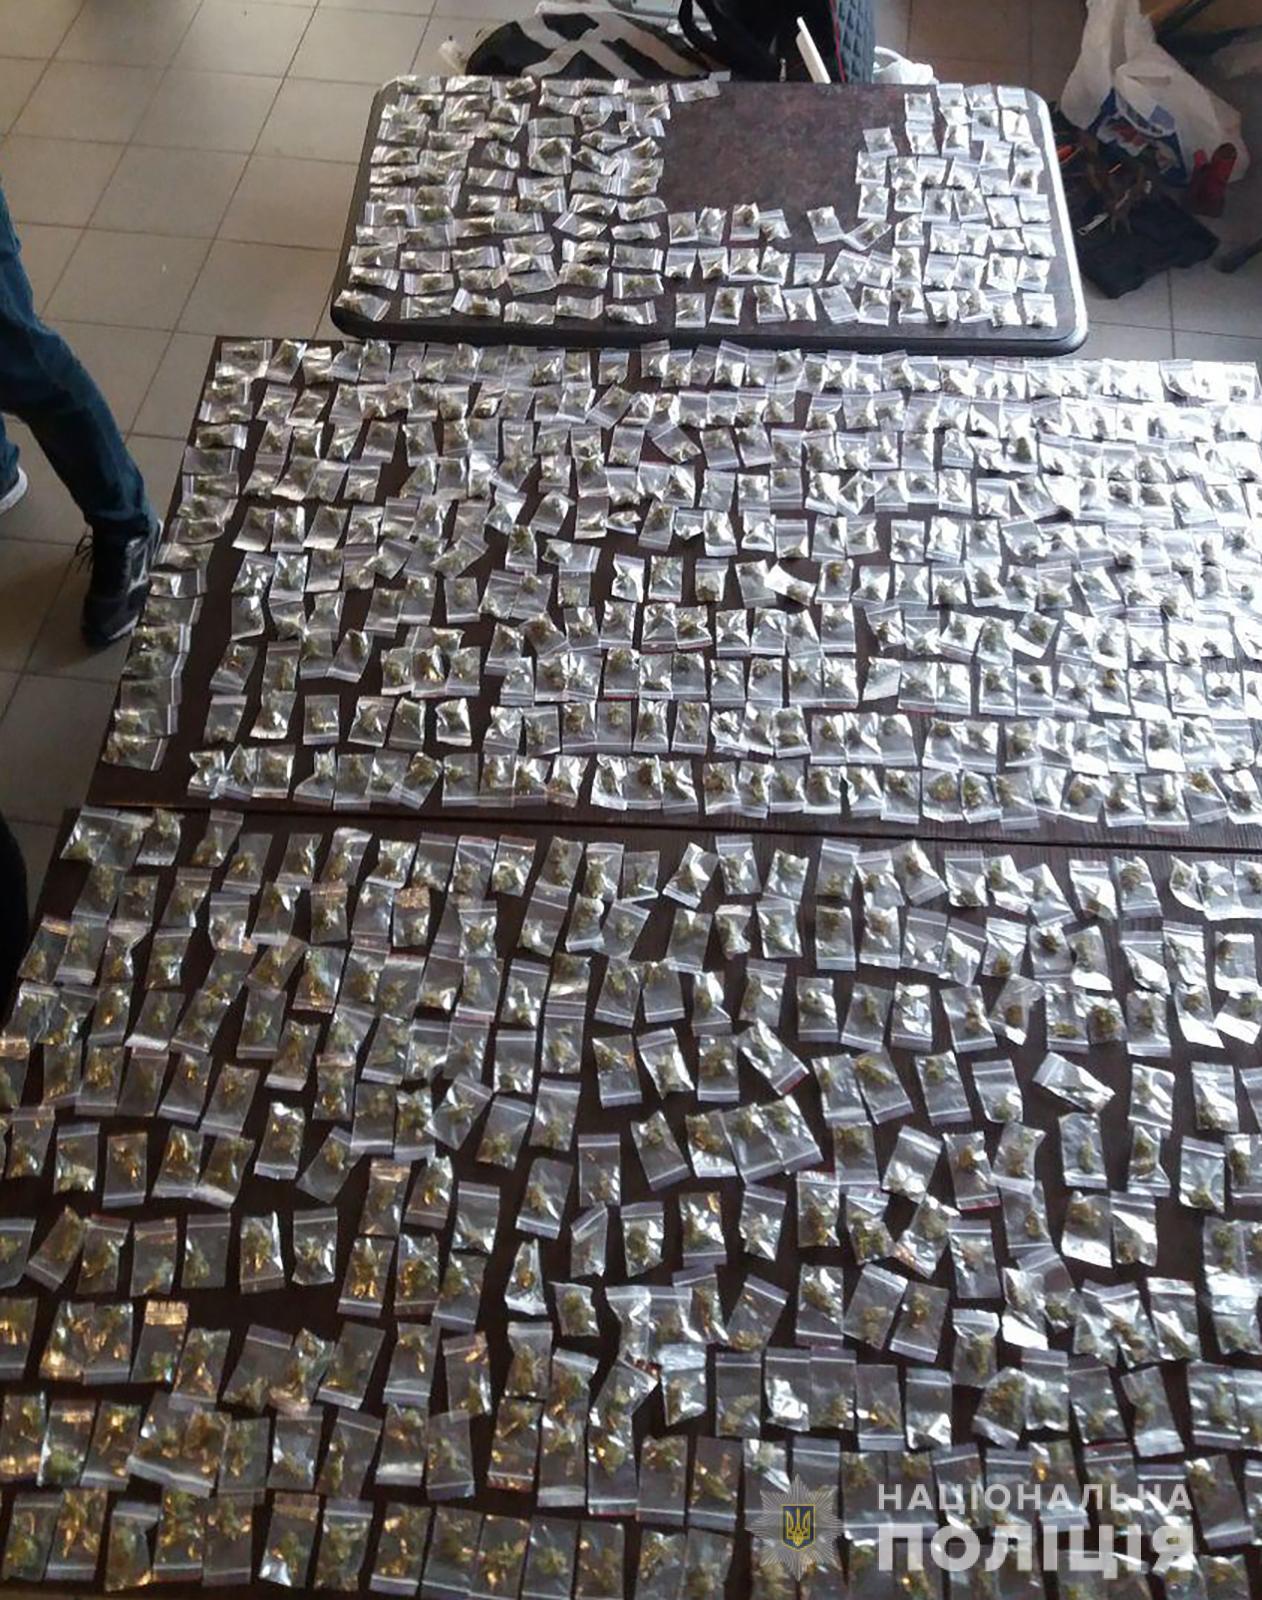 наркотики_запорожская область